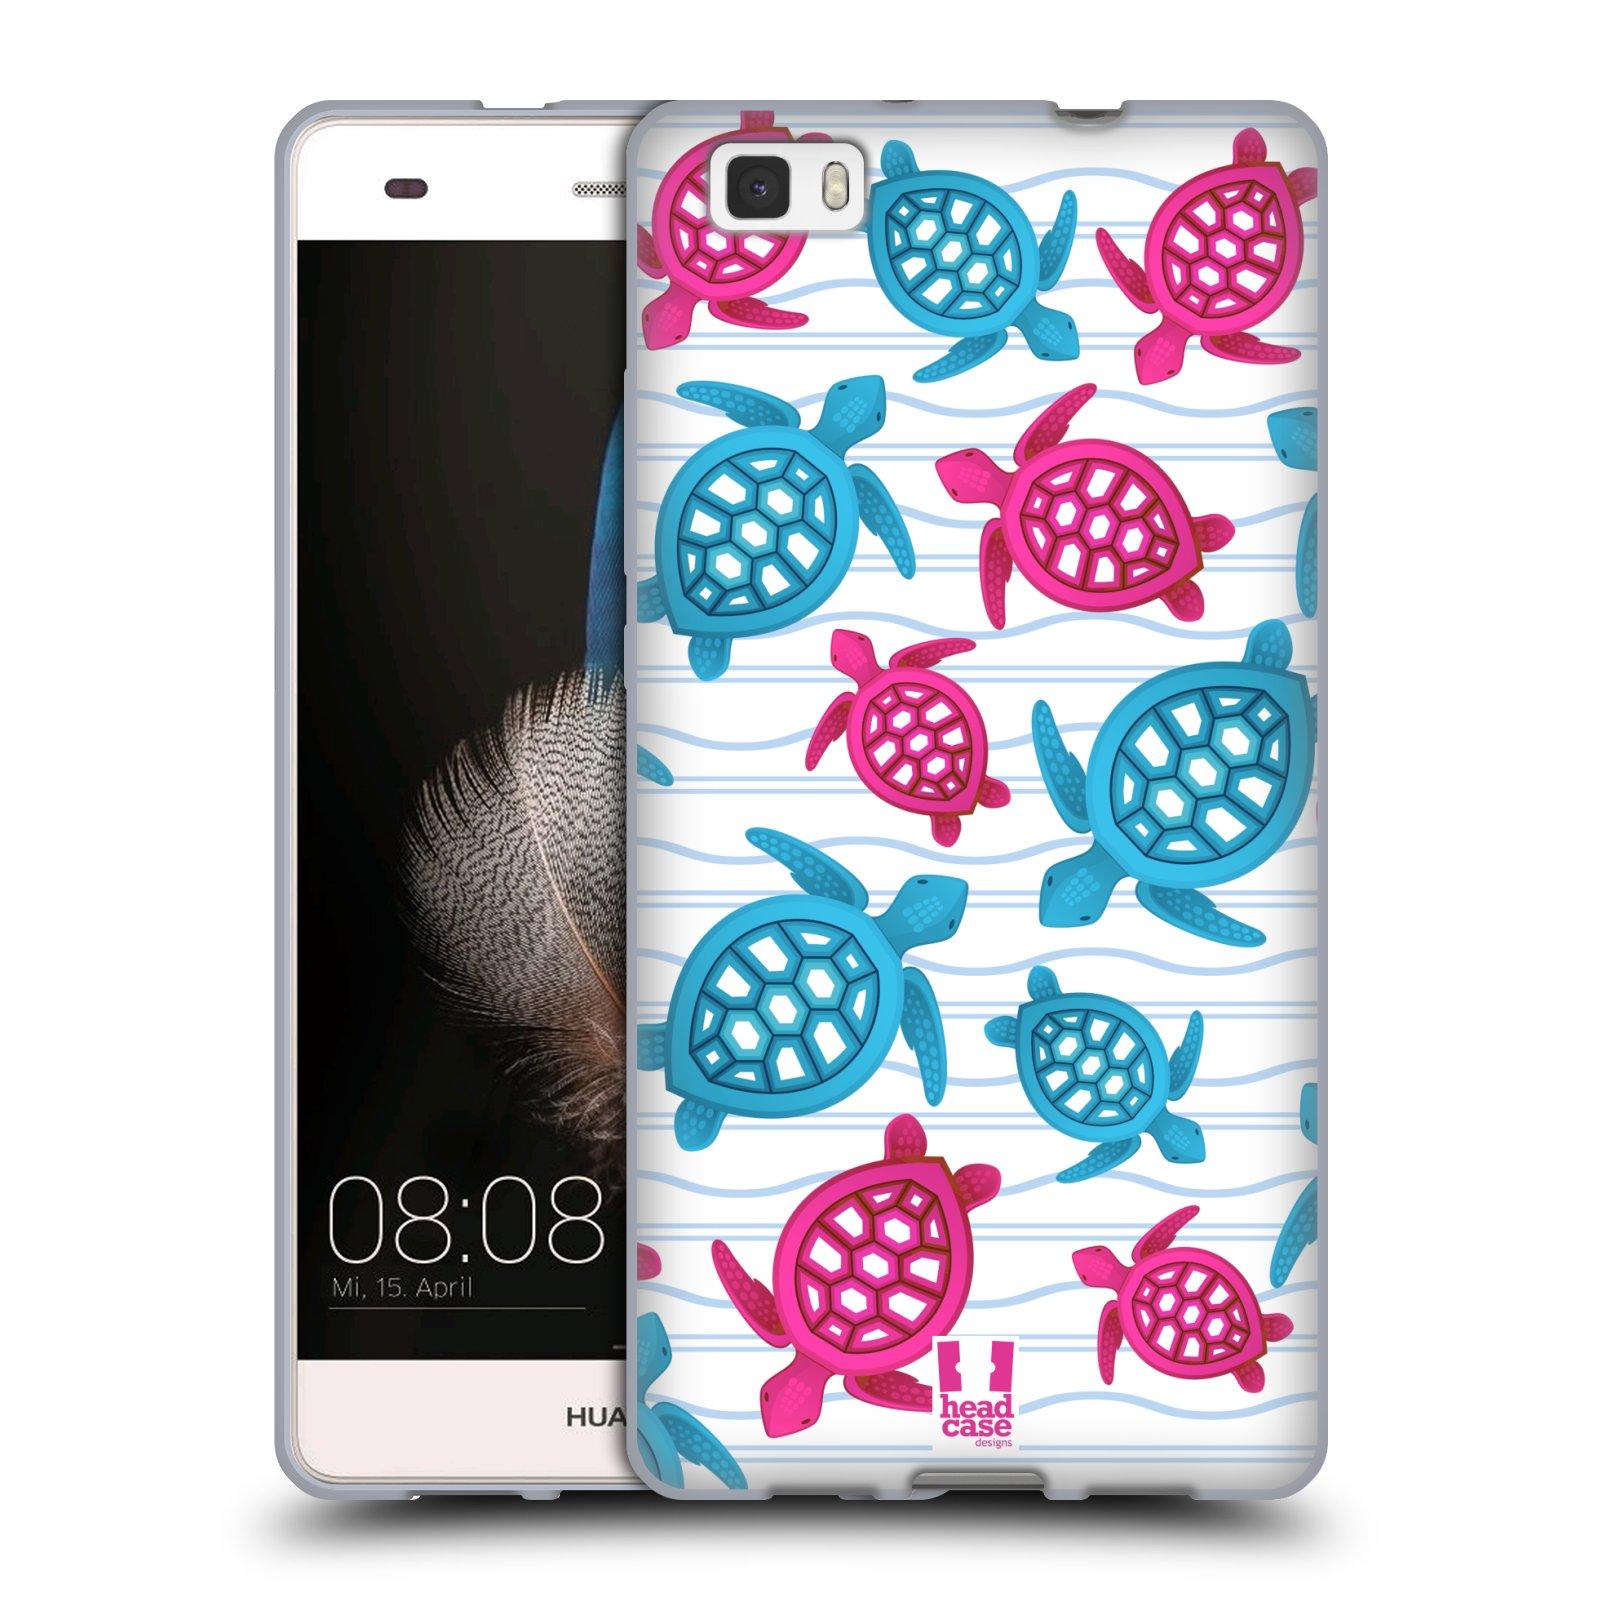 HEAD CASE silikonový obal na mobil HUAWEI P8 LITE vzor mořský živočich želva modrá a růžová